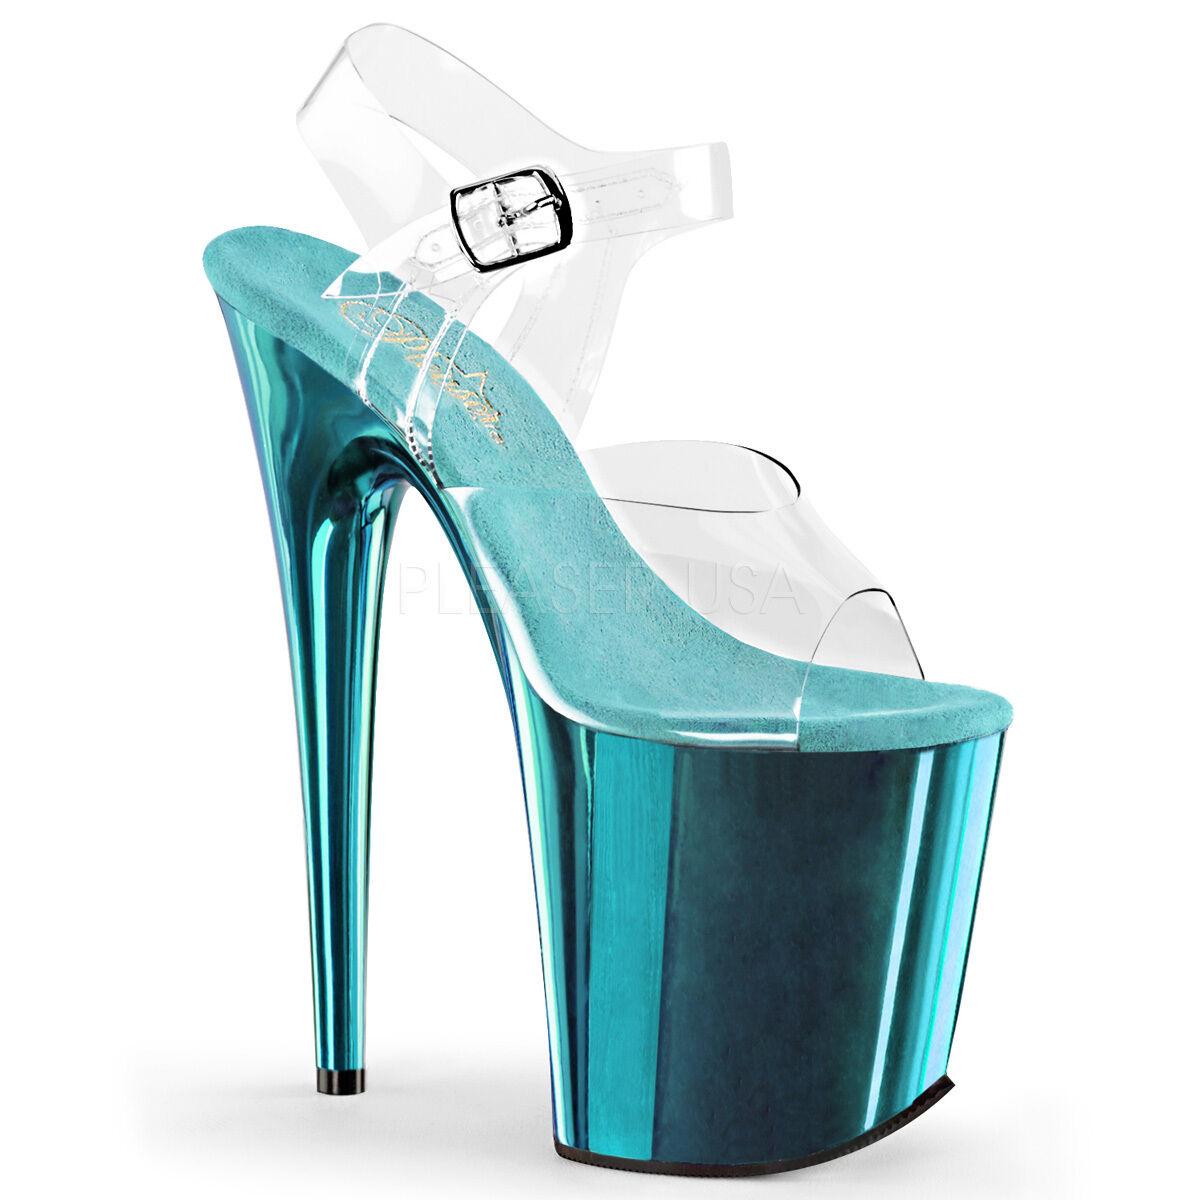 Garanzia del prezzo al 100% Pleaser Flamingo - 808 Turchese Chrome piattaforma scarpe sandali POLE POLE POLE DANCE  negozio outlet